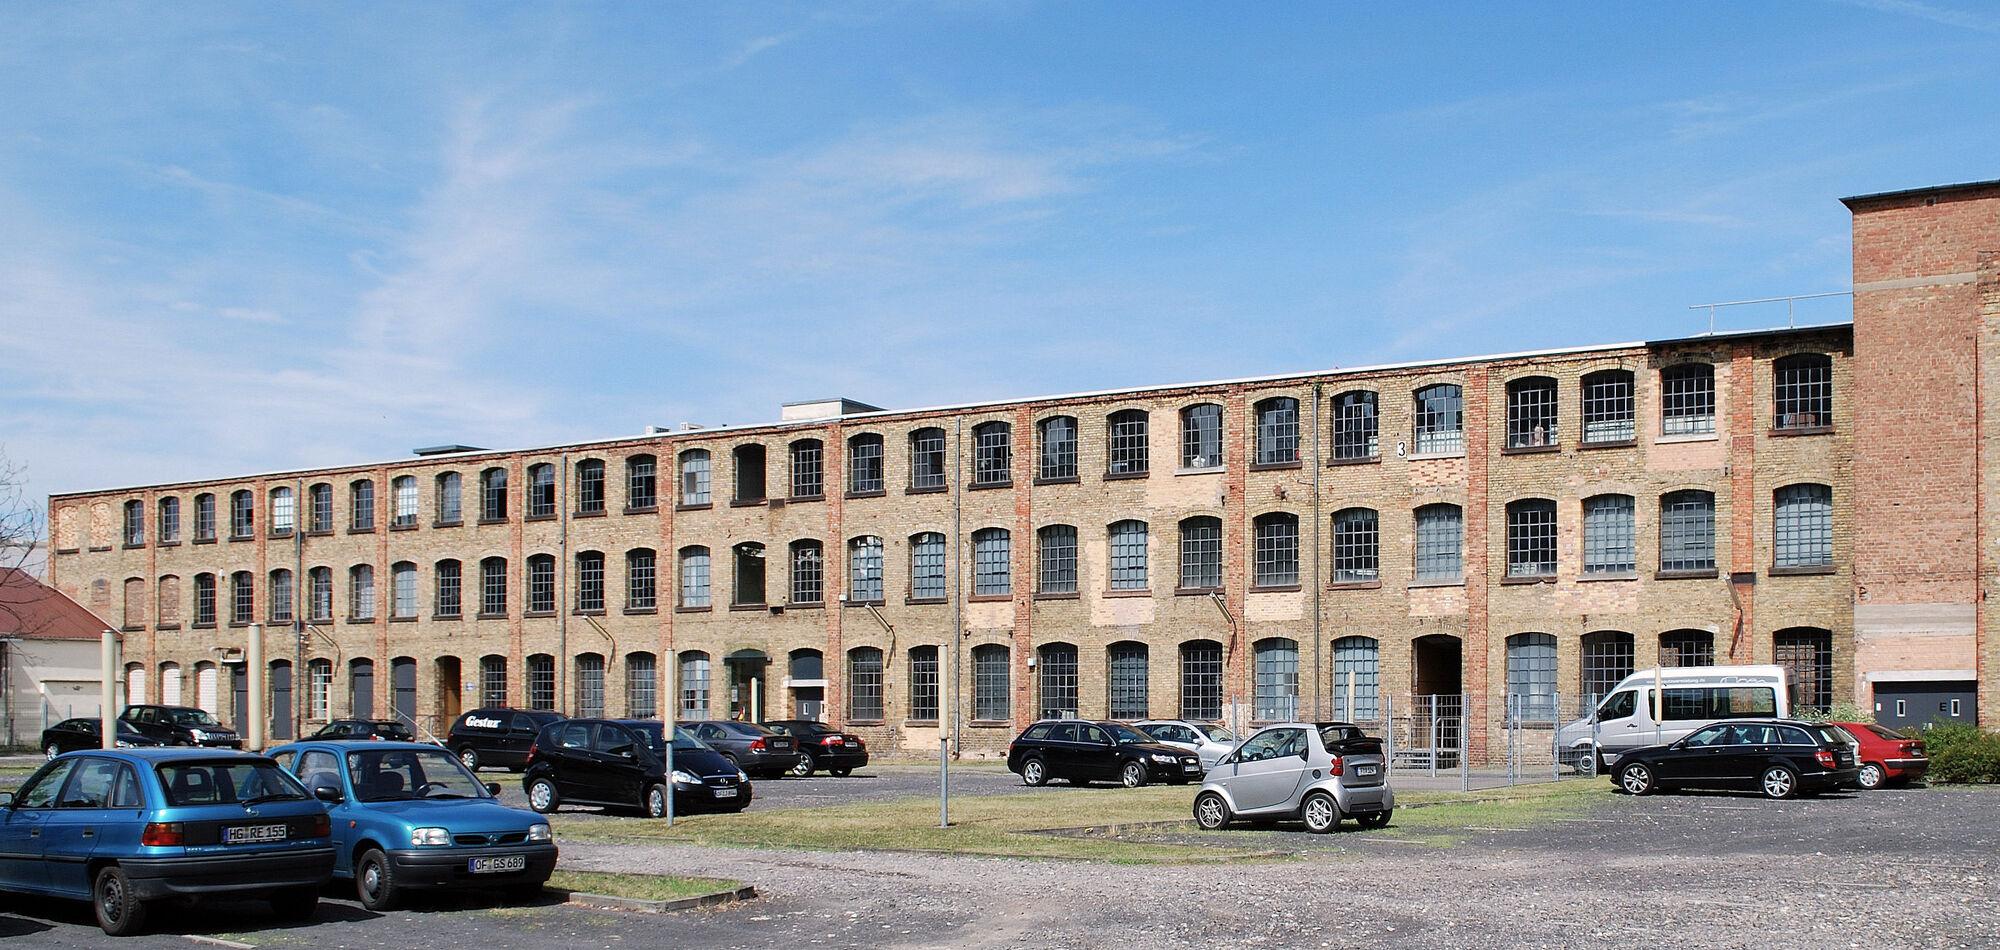 Heyne Fabrik | OffenbachWiki | FANDOM powered by Wikia